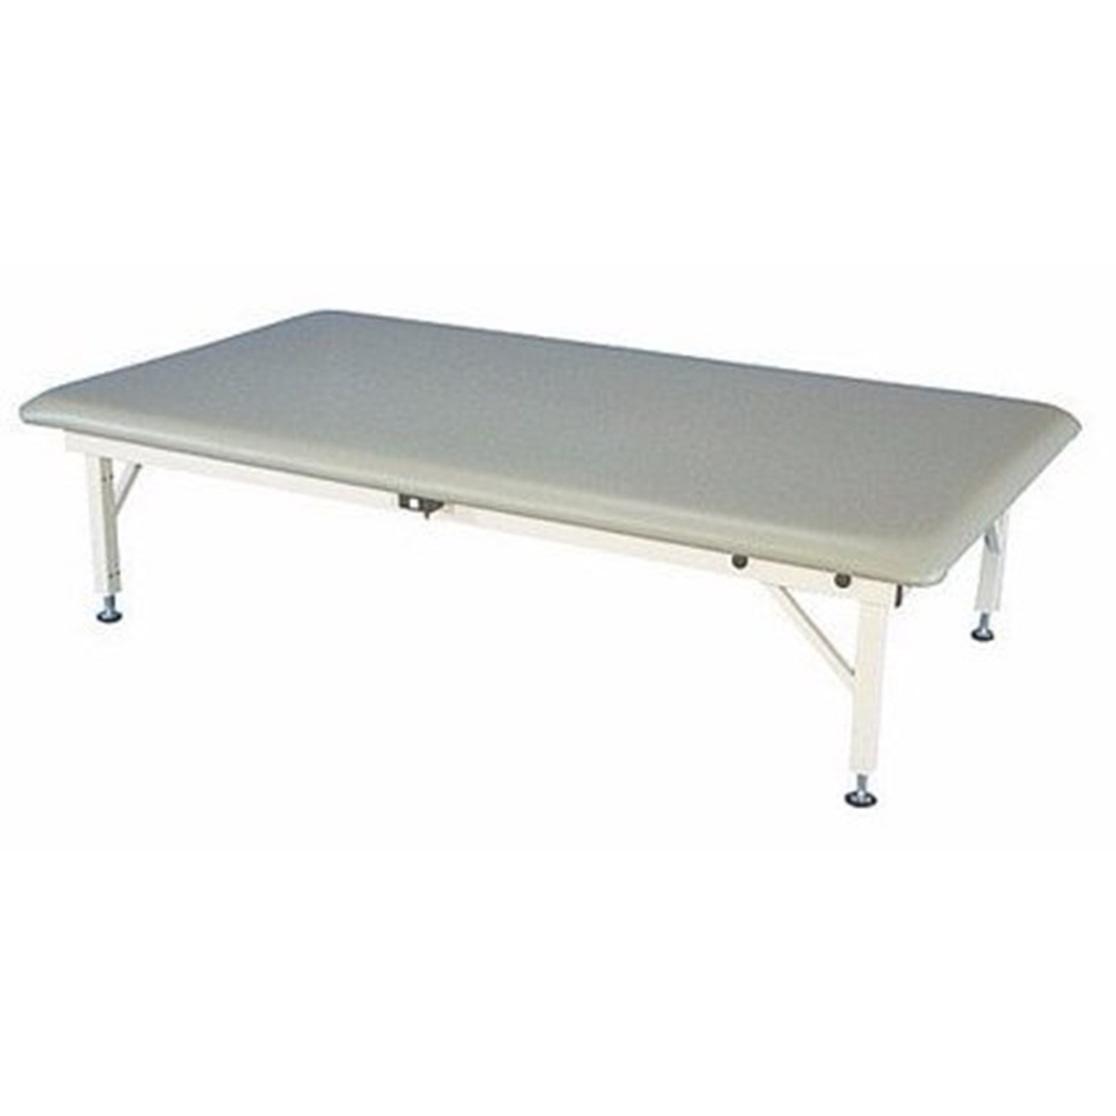 Armedica electric hi-lo bariatric mat table